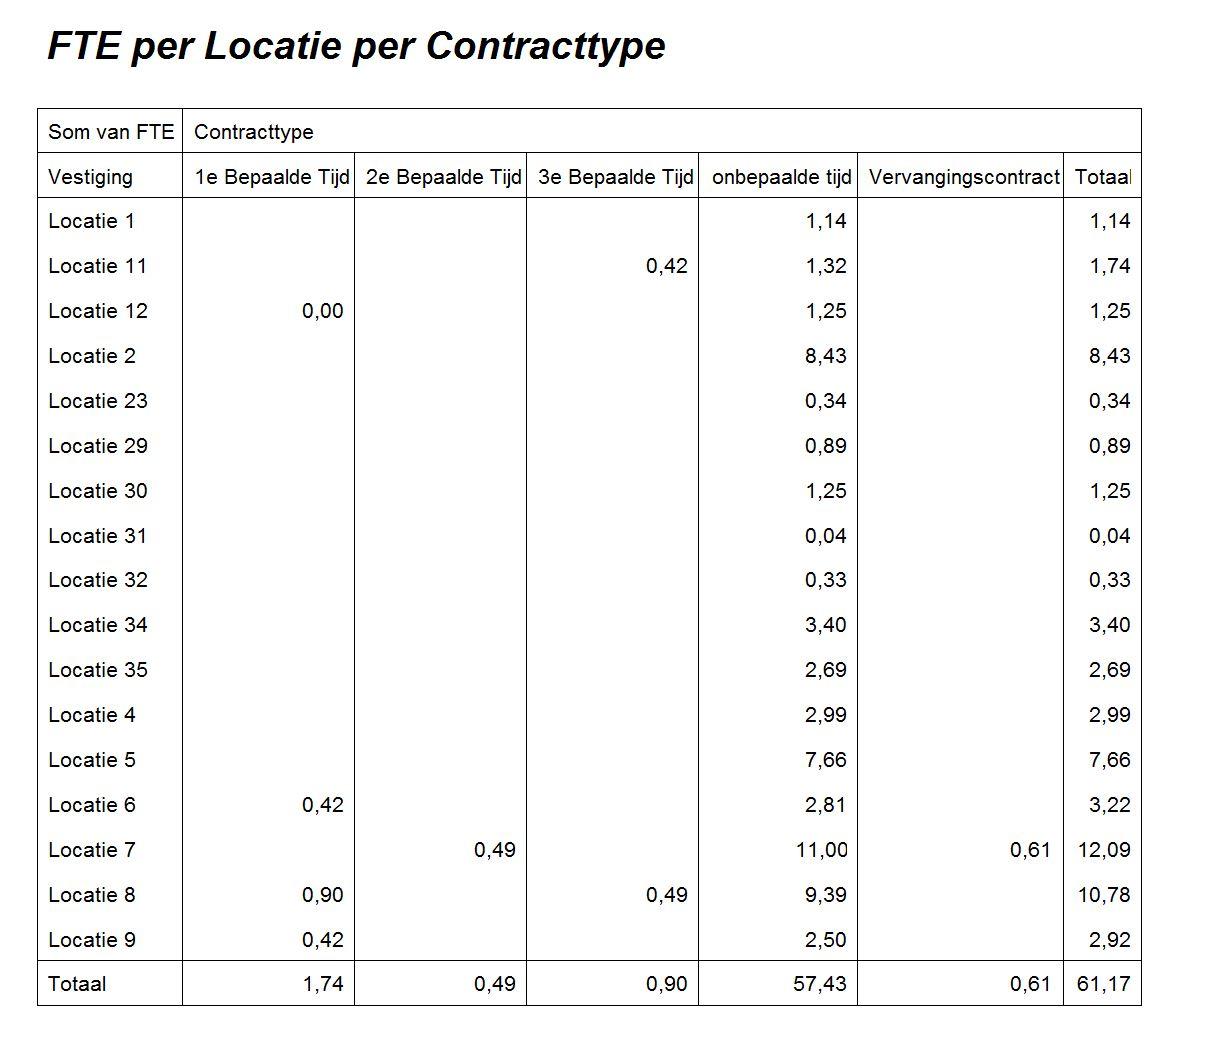 FTE per Locatie, per contracttype (Draaitabel)